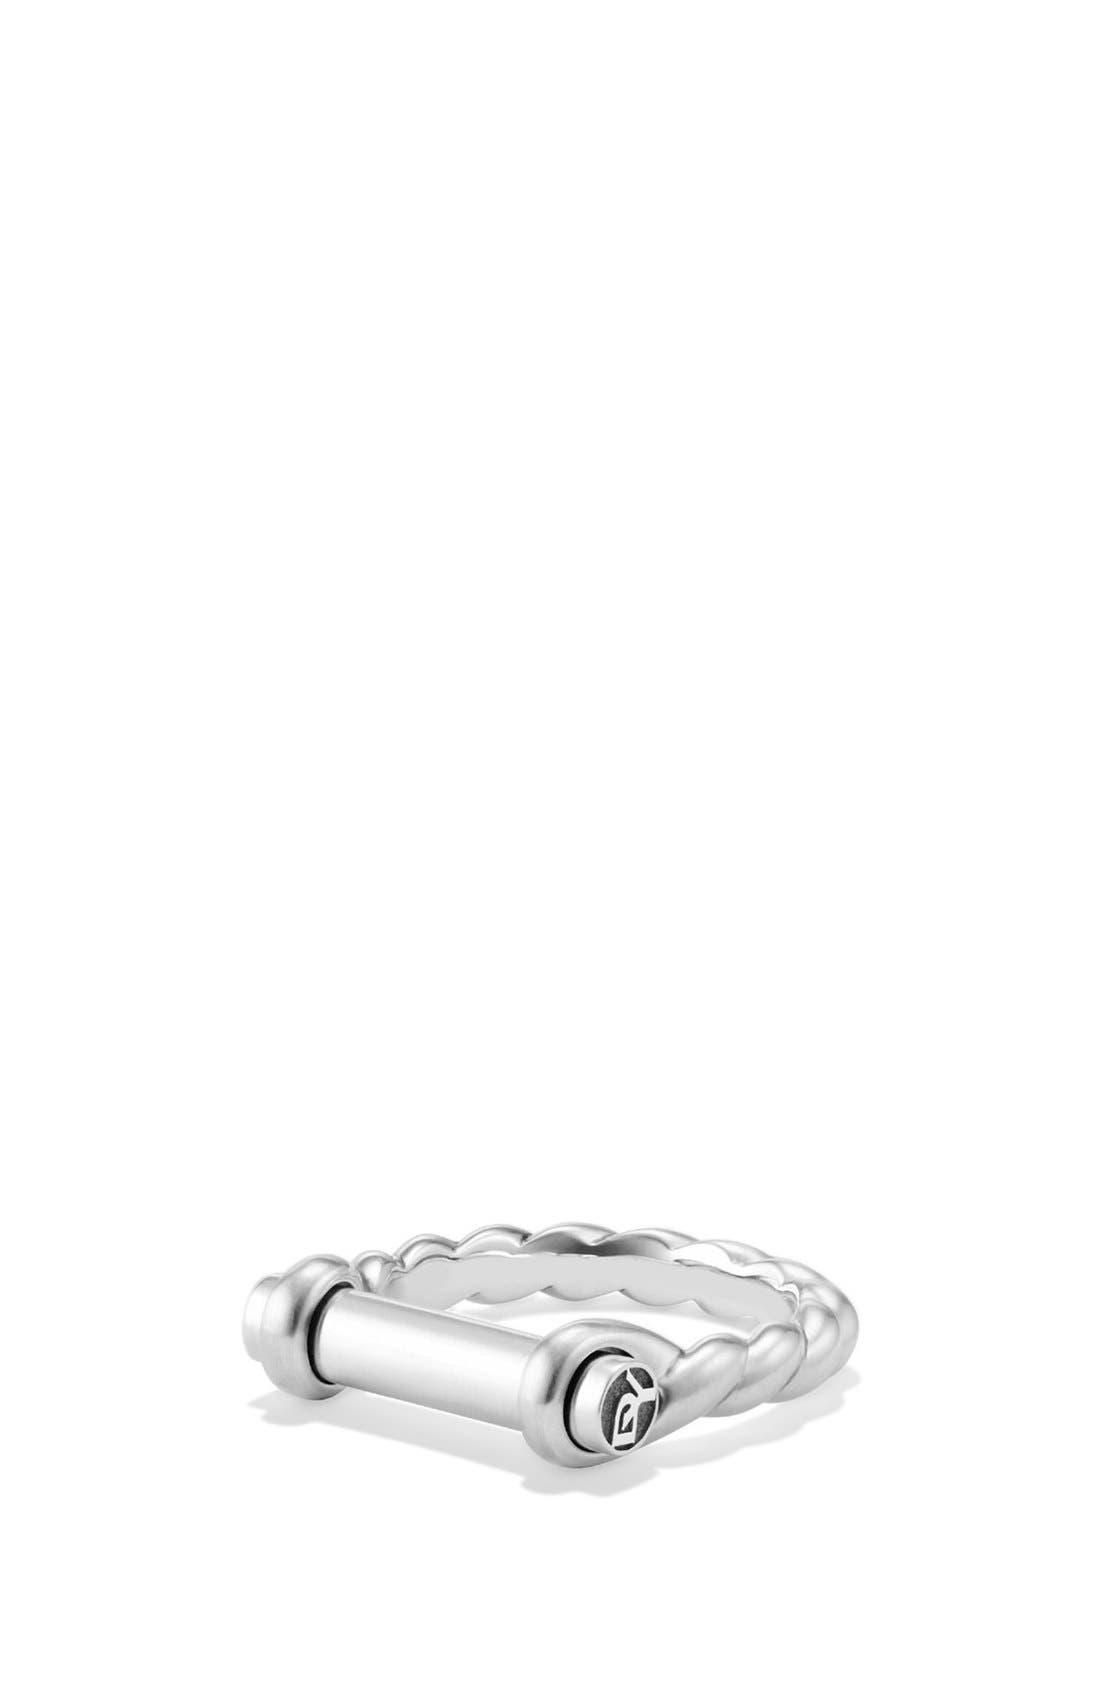 DAVID YURMAN Maritime Shackle Ring